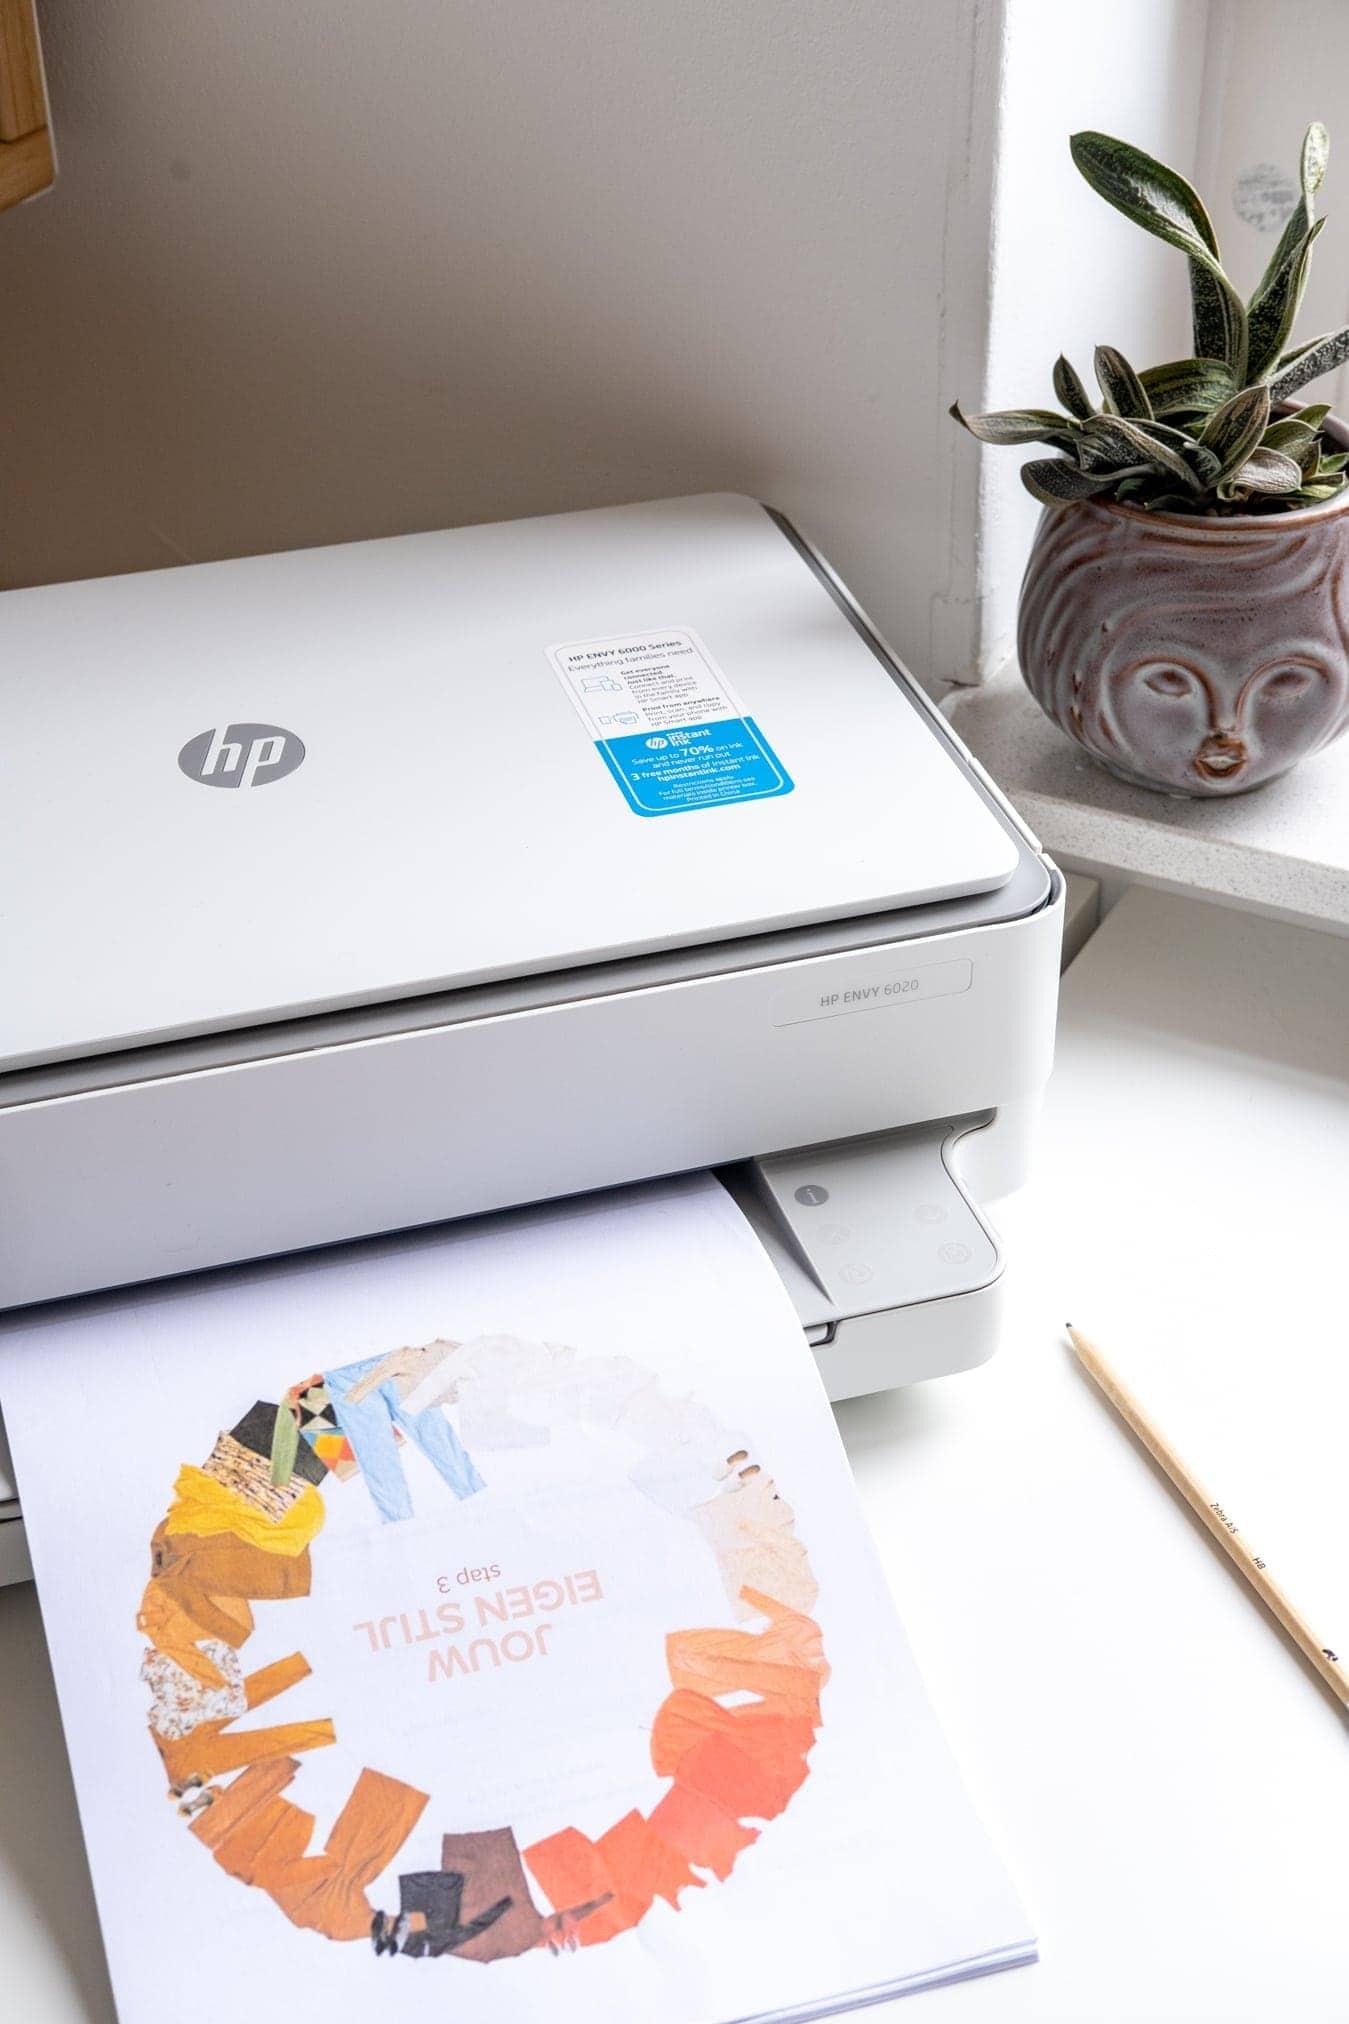 voordelen wifi printer